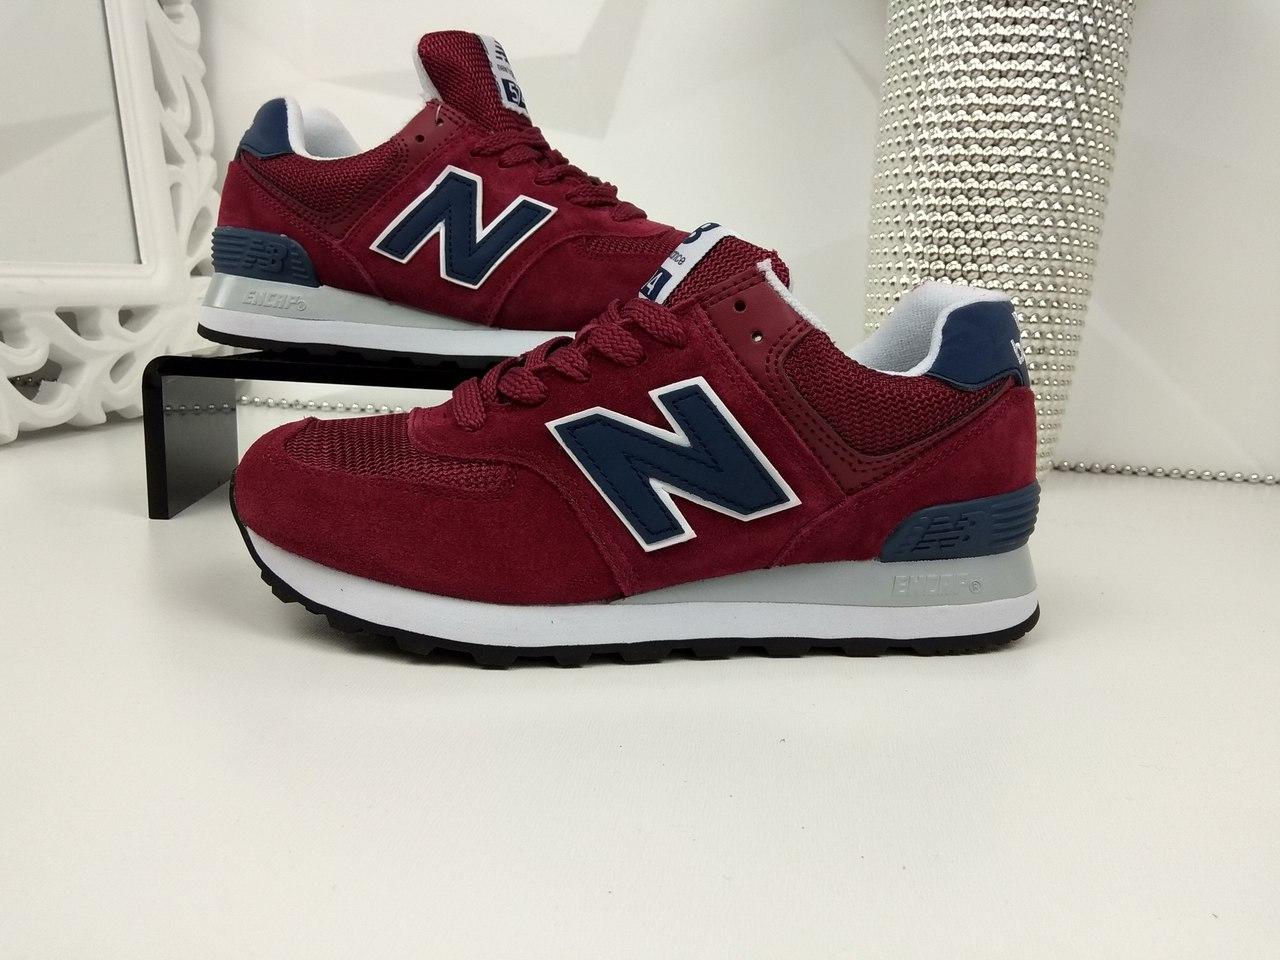 Женские кроссовки New Balance бордо + синий Нью Беланс 1244 7818fcf6d8a